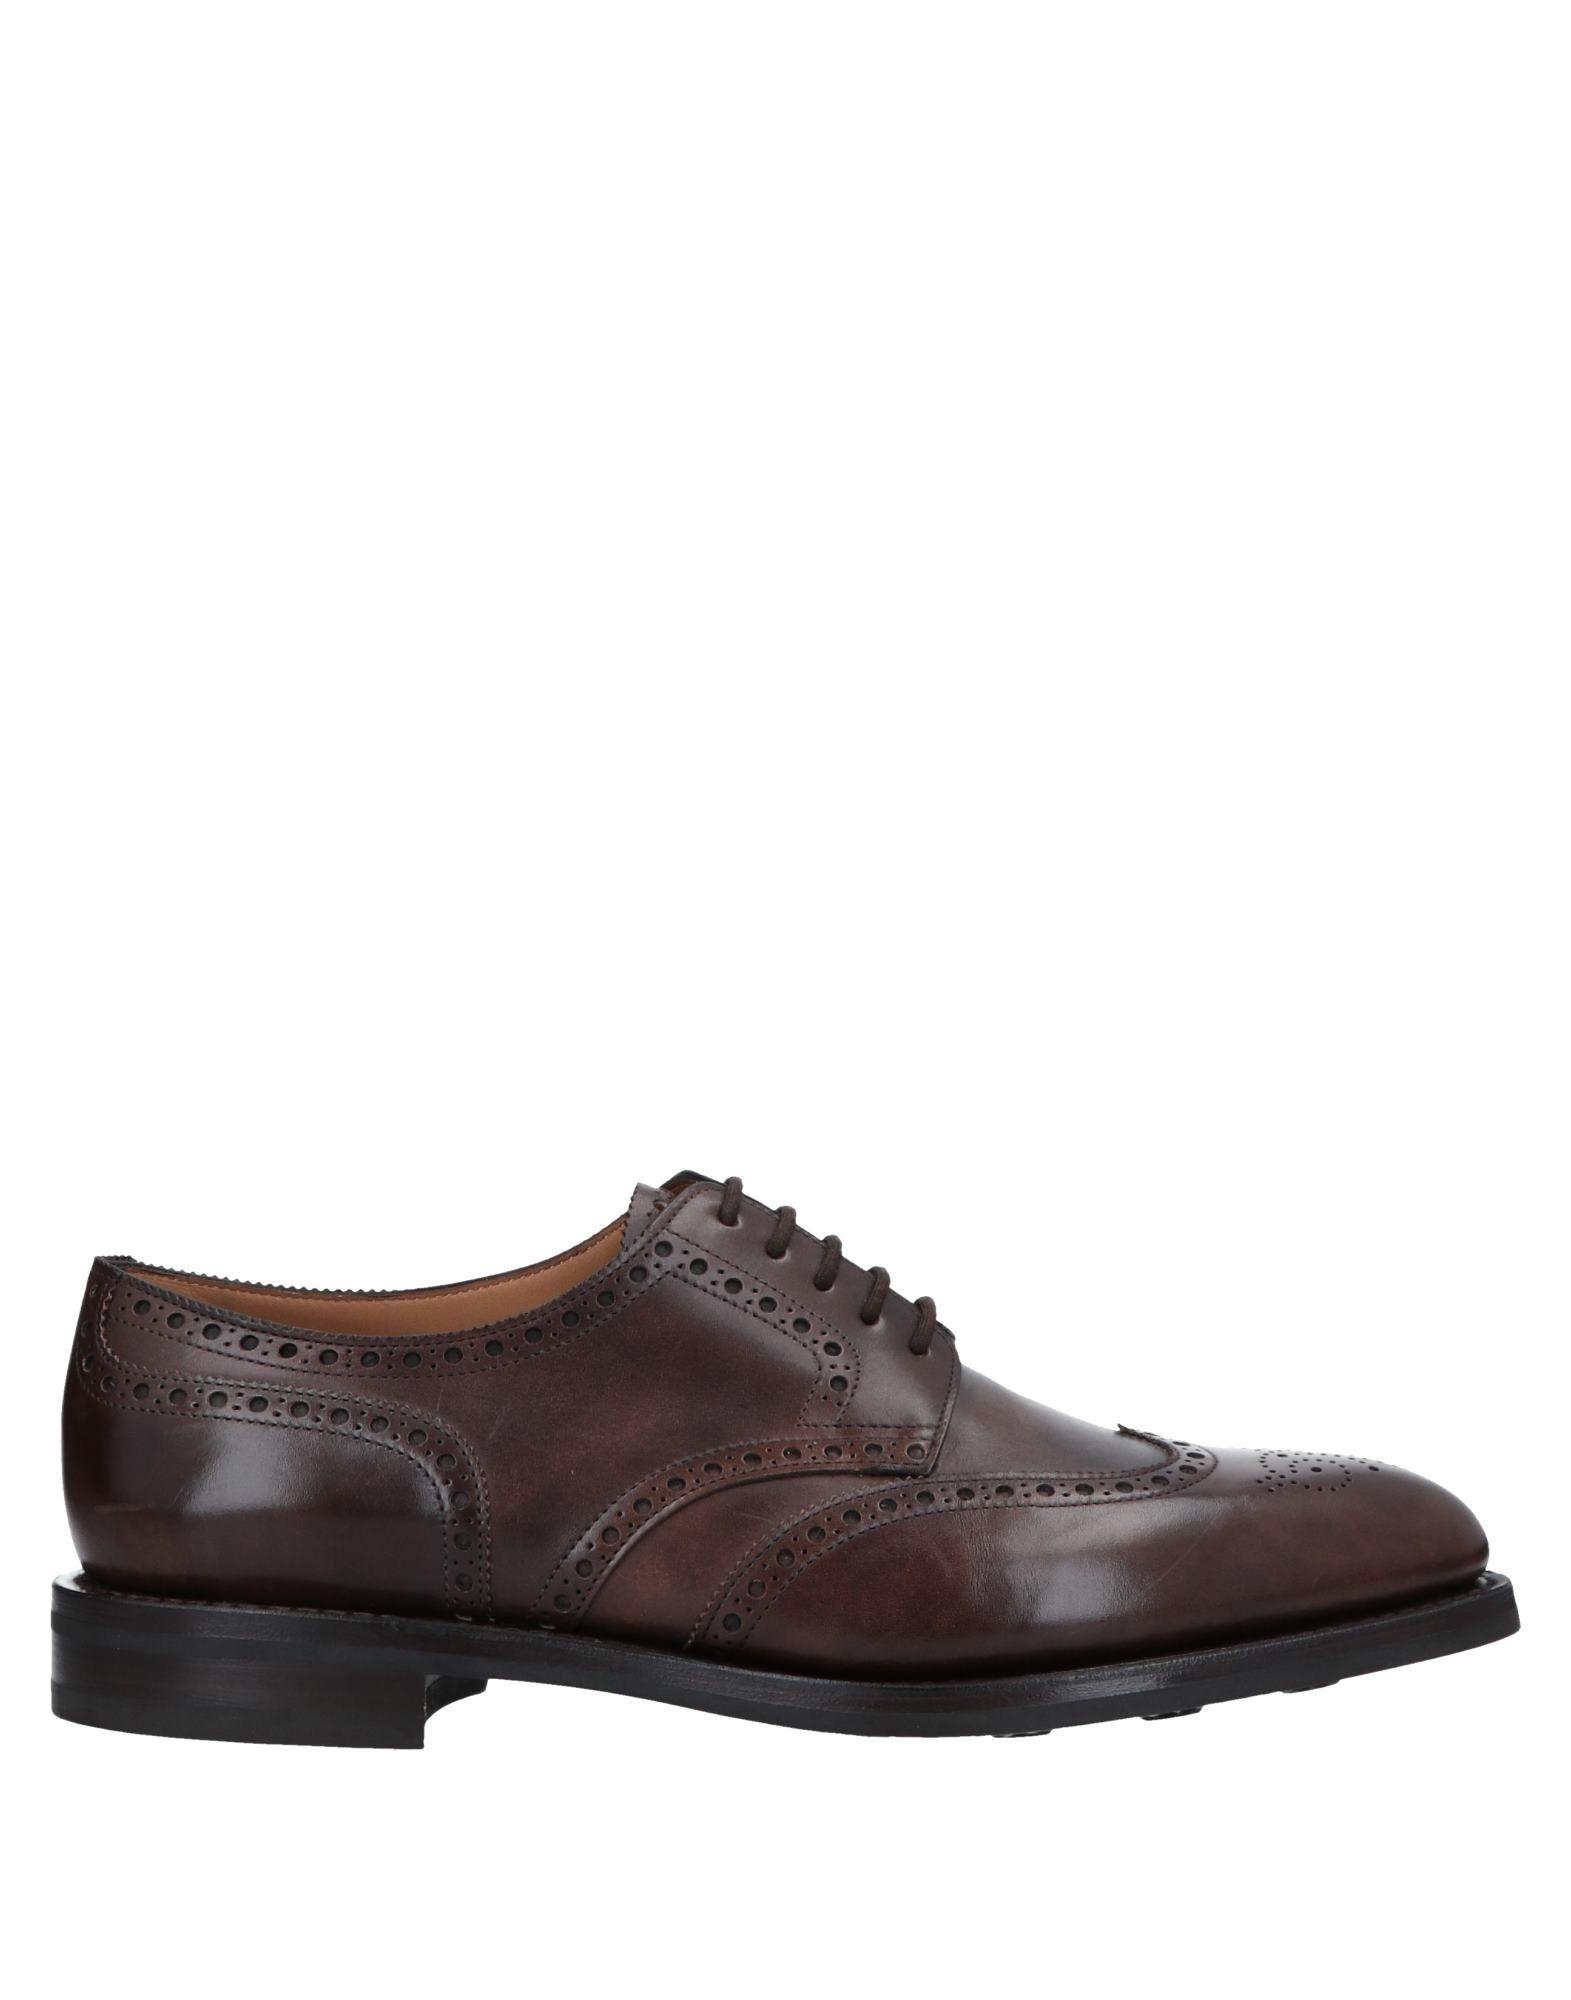 John Lobb Shoes LACE-UP SHOES